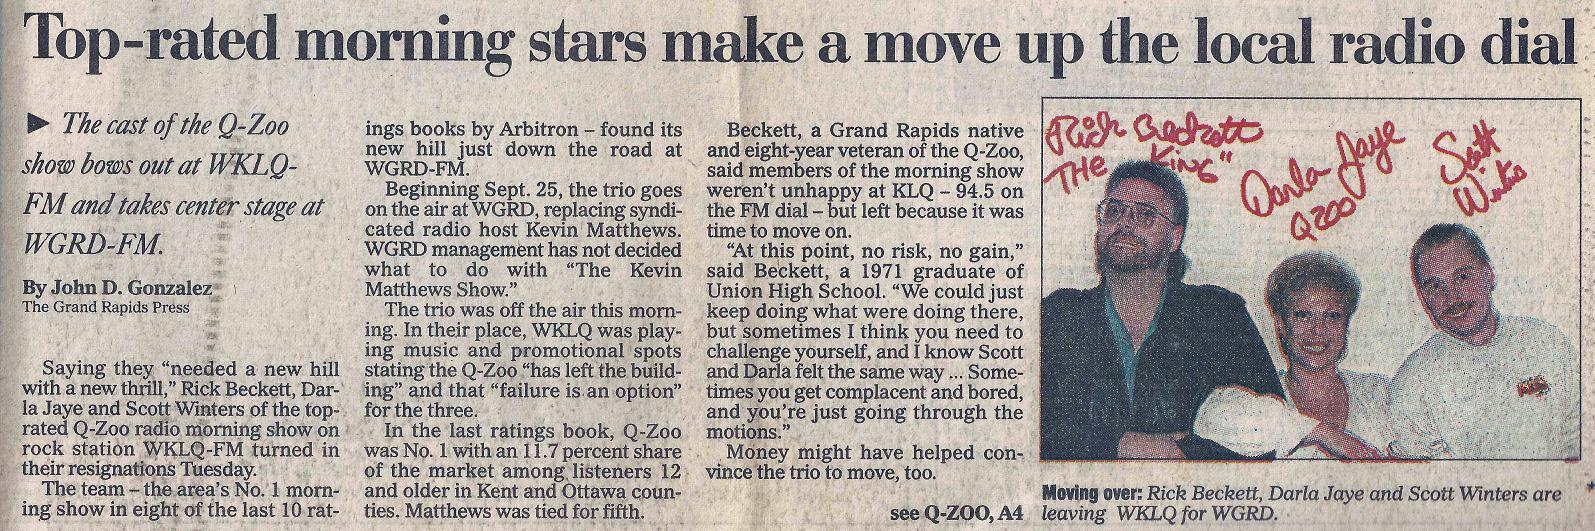 Grand Rapids Press 9-13-95 - 01